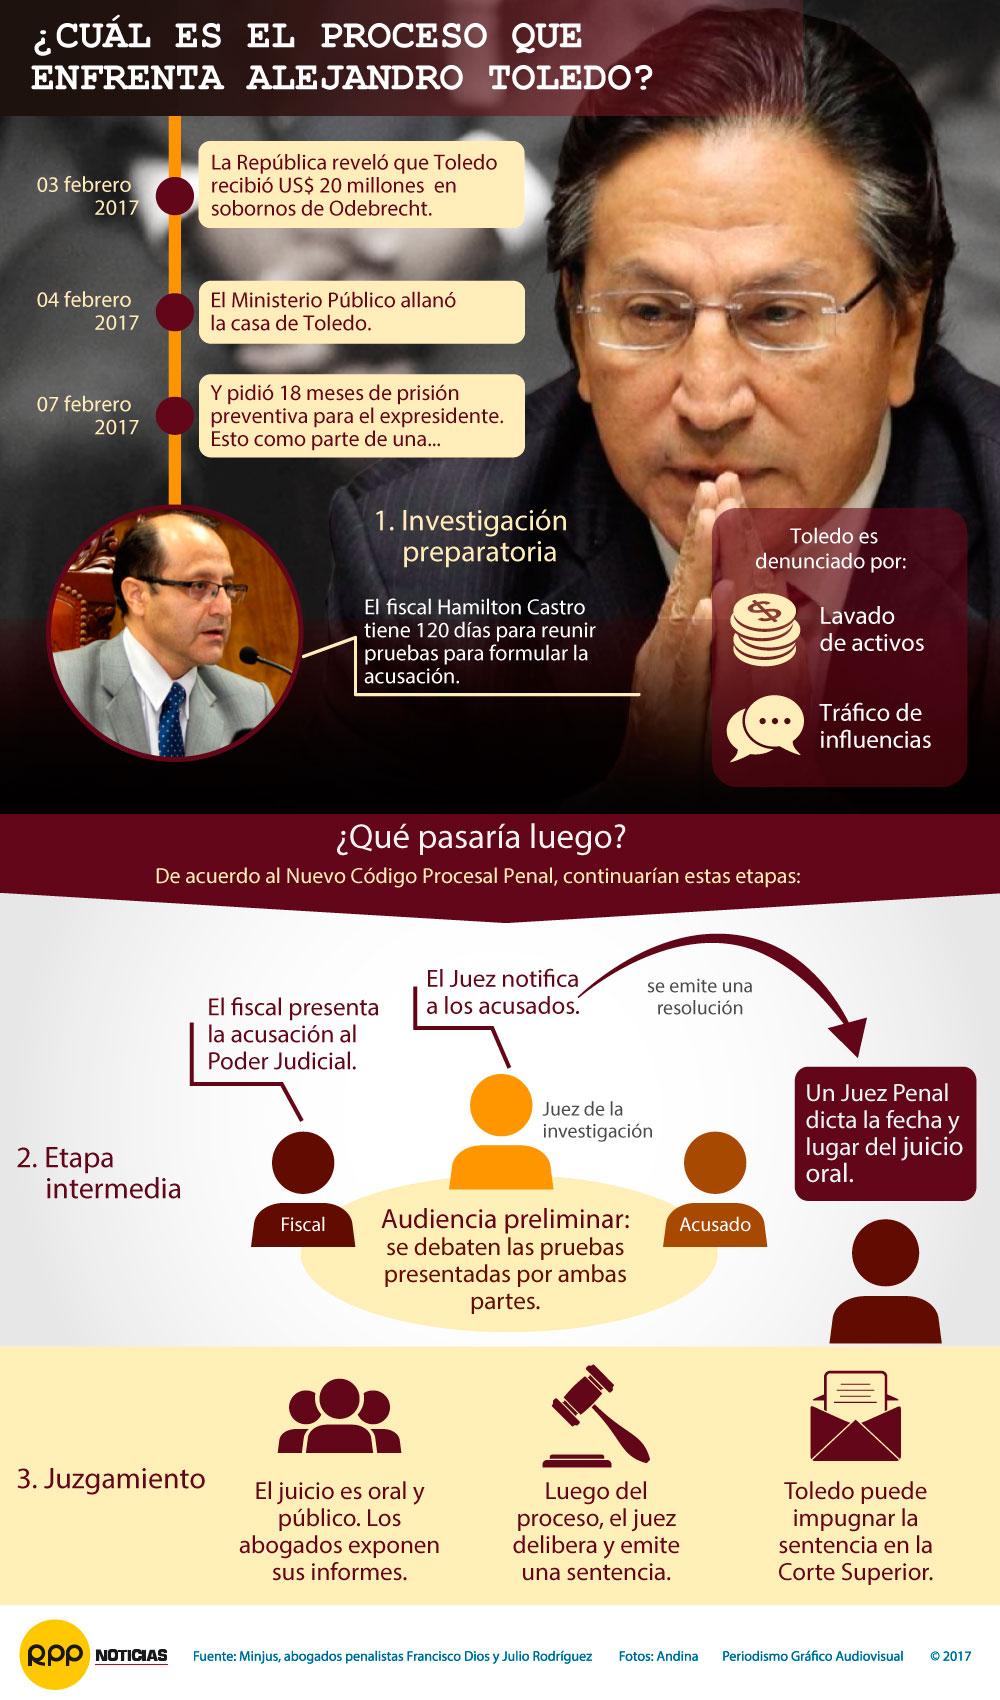 ¿De qué delitos se acusa a Alejandro Toledo y cuáles son las penas?